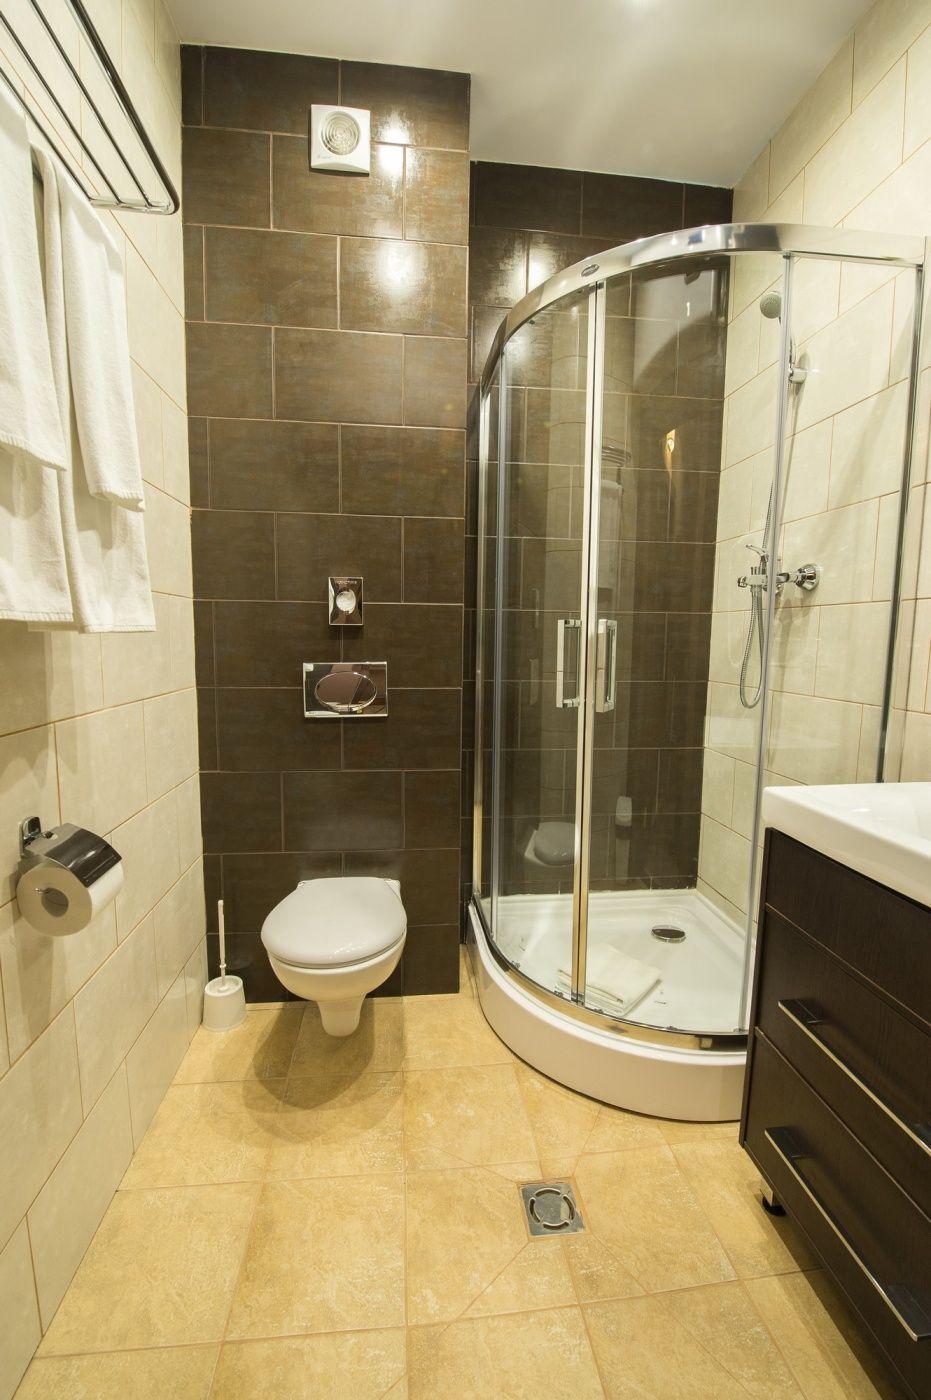 Дачный отель «Истра Holiday» Московская область Стандартный улучшенный номер (Superior) , фото 6